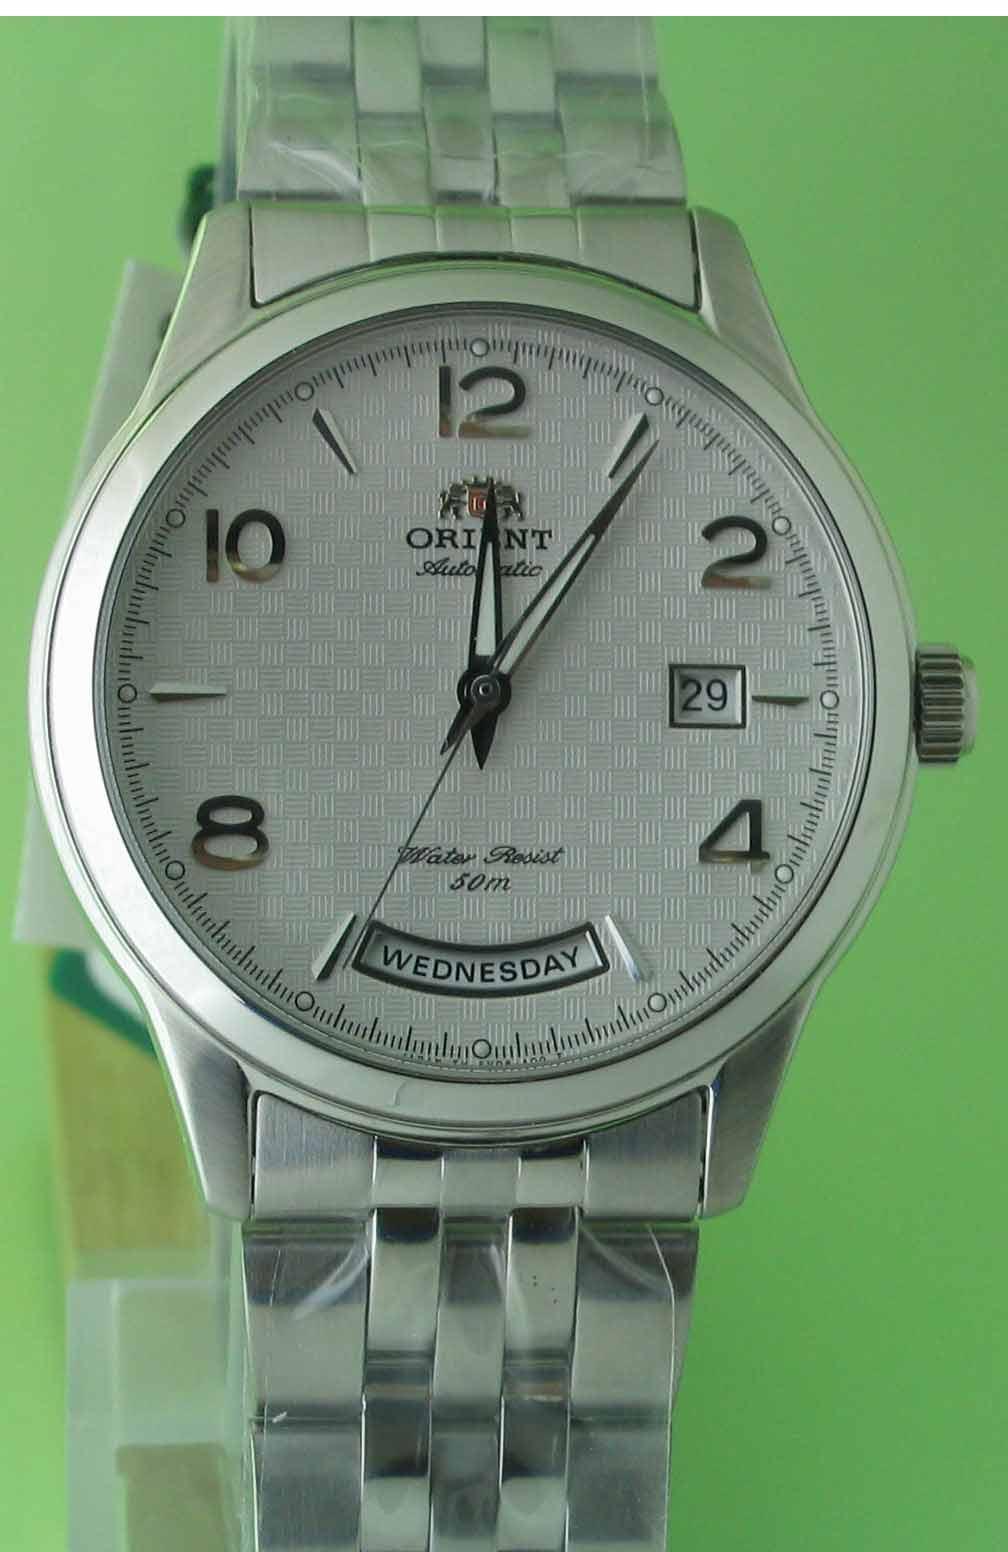 นาฬิกาออโต้รุ่นใหม่จากญี่ปุ่นรูปแบบนาฬิกาswiss ในราคาพิเศษ